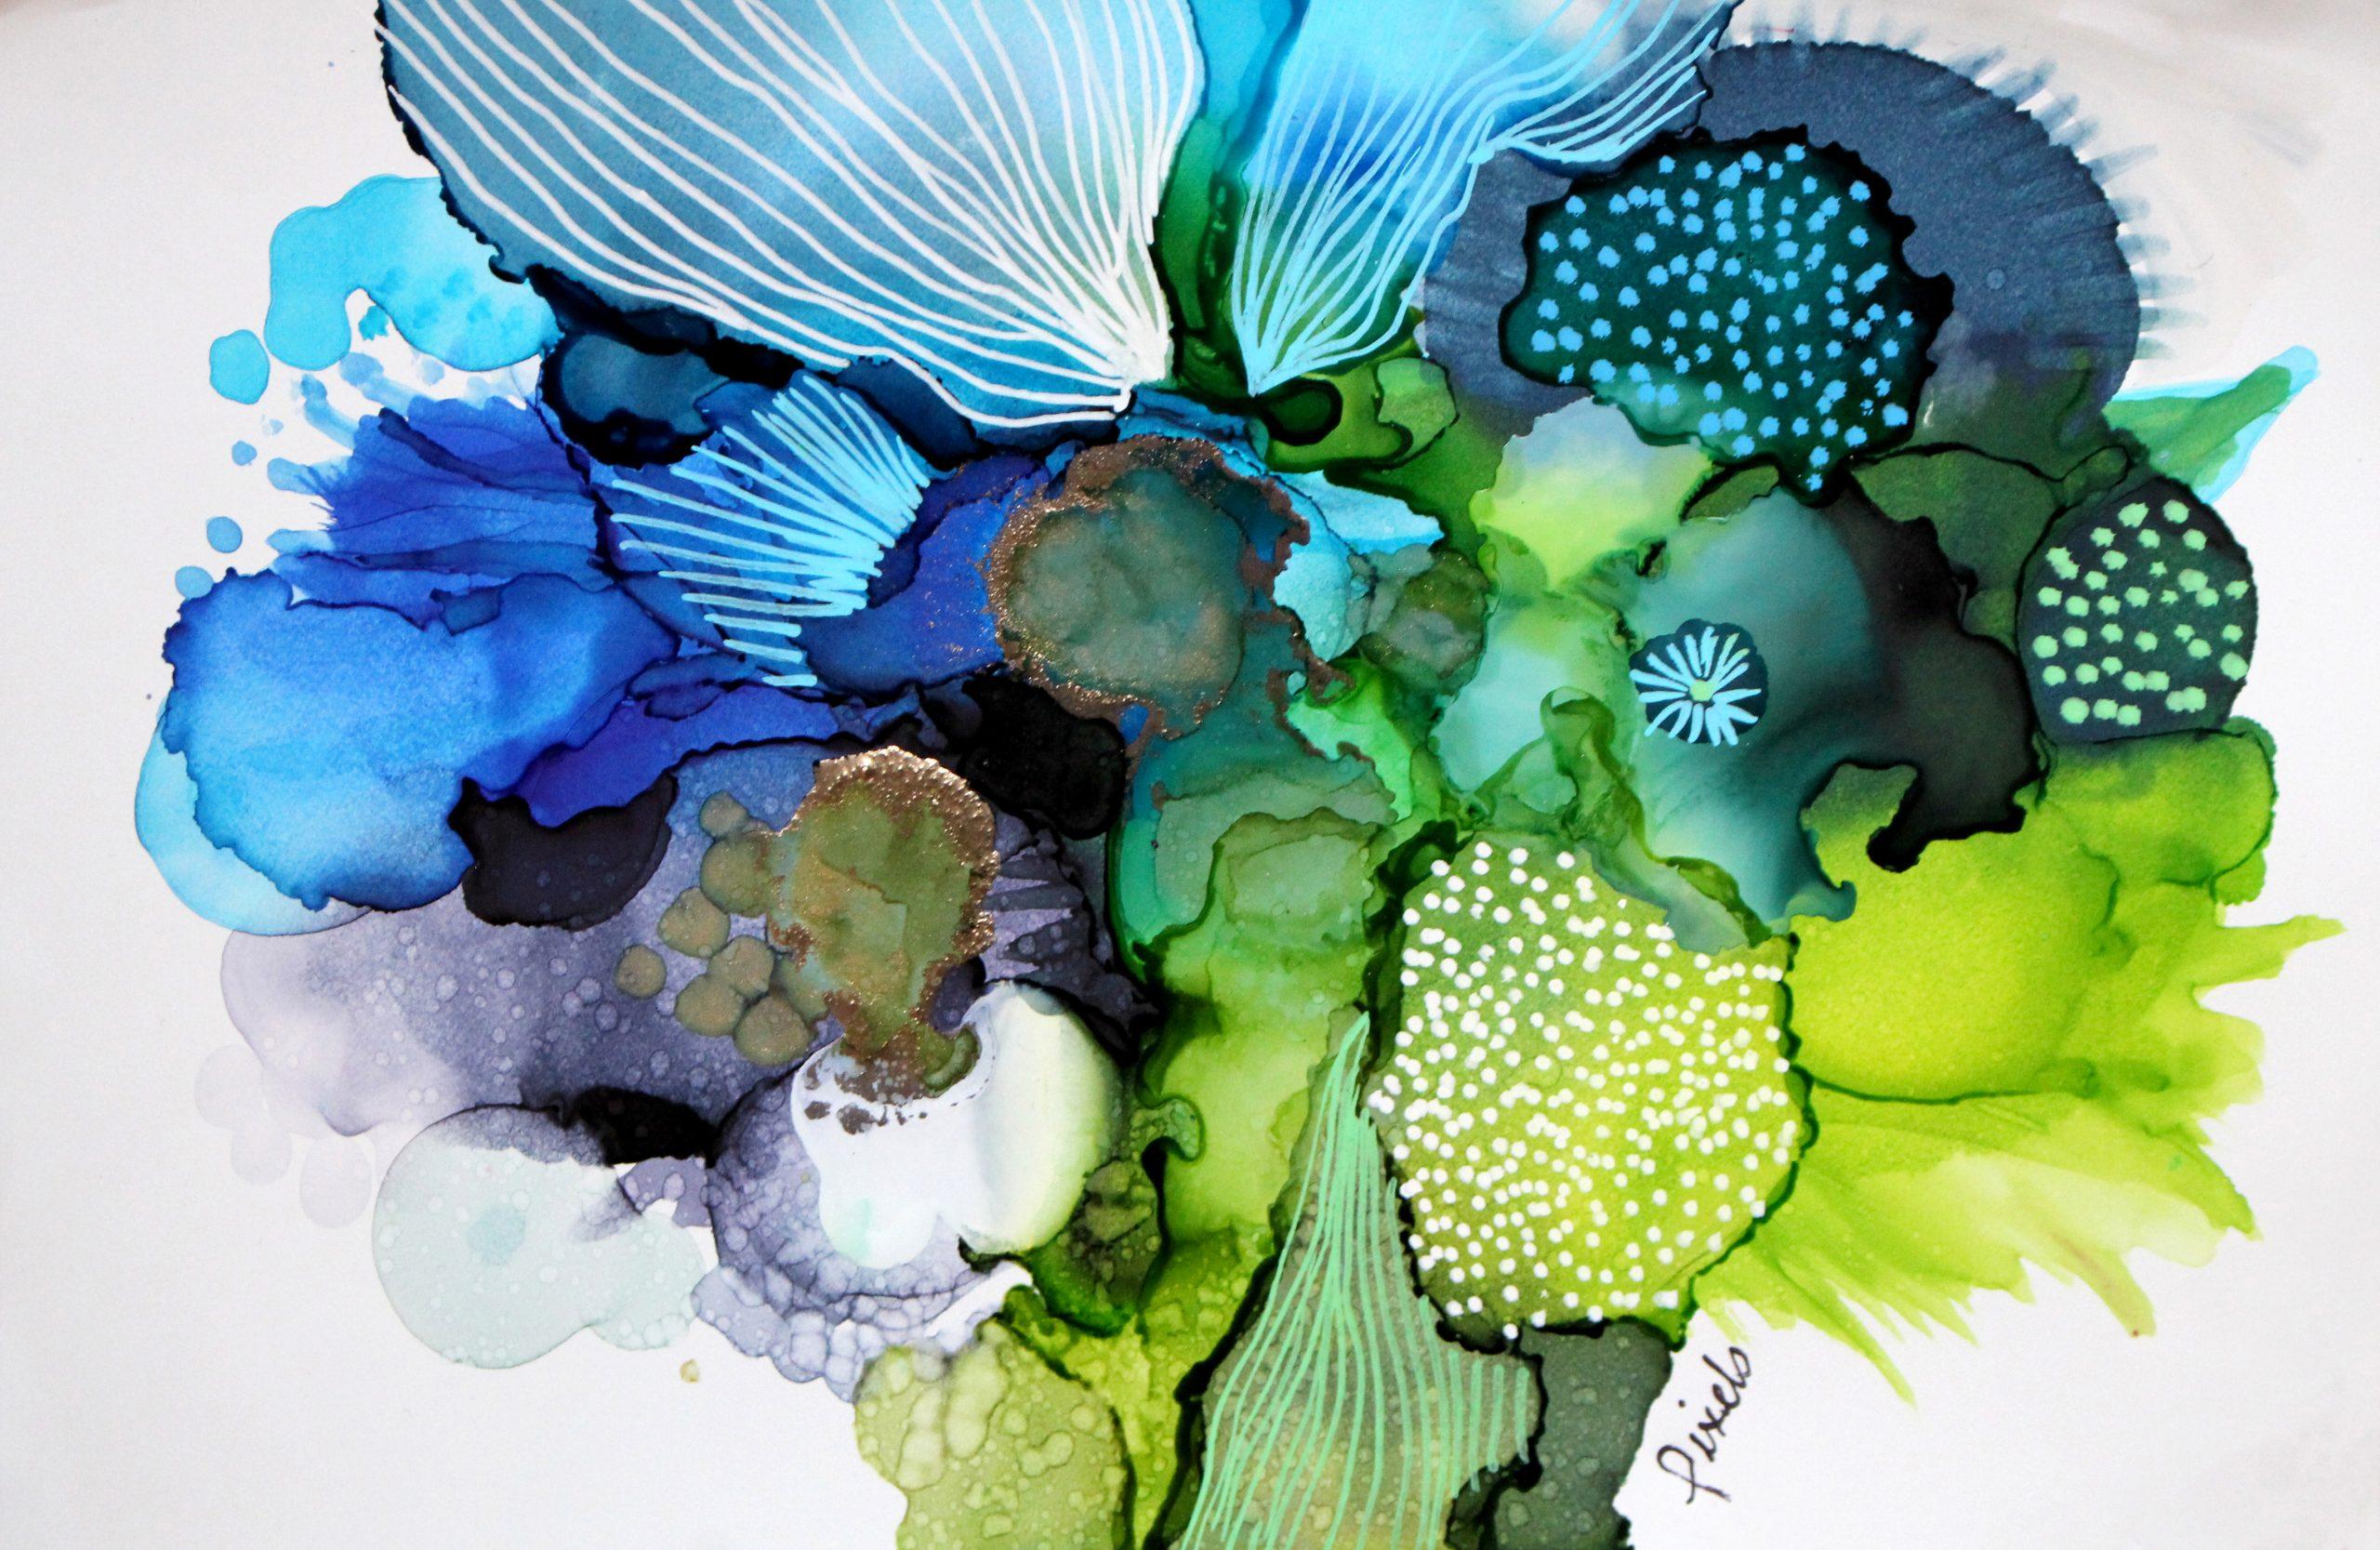 bloom, oeuvre sur papier encre, pixels, galerie roccia